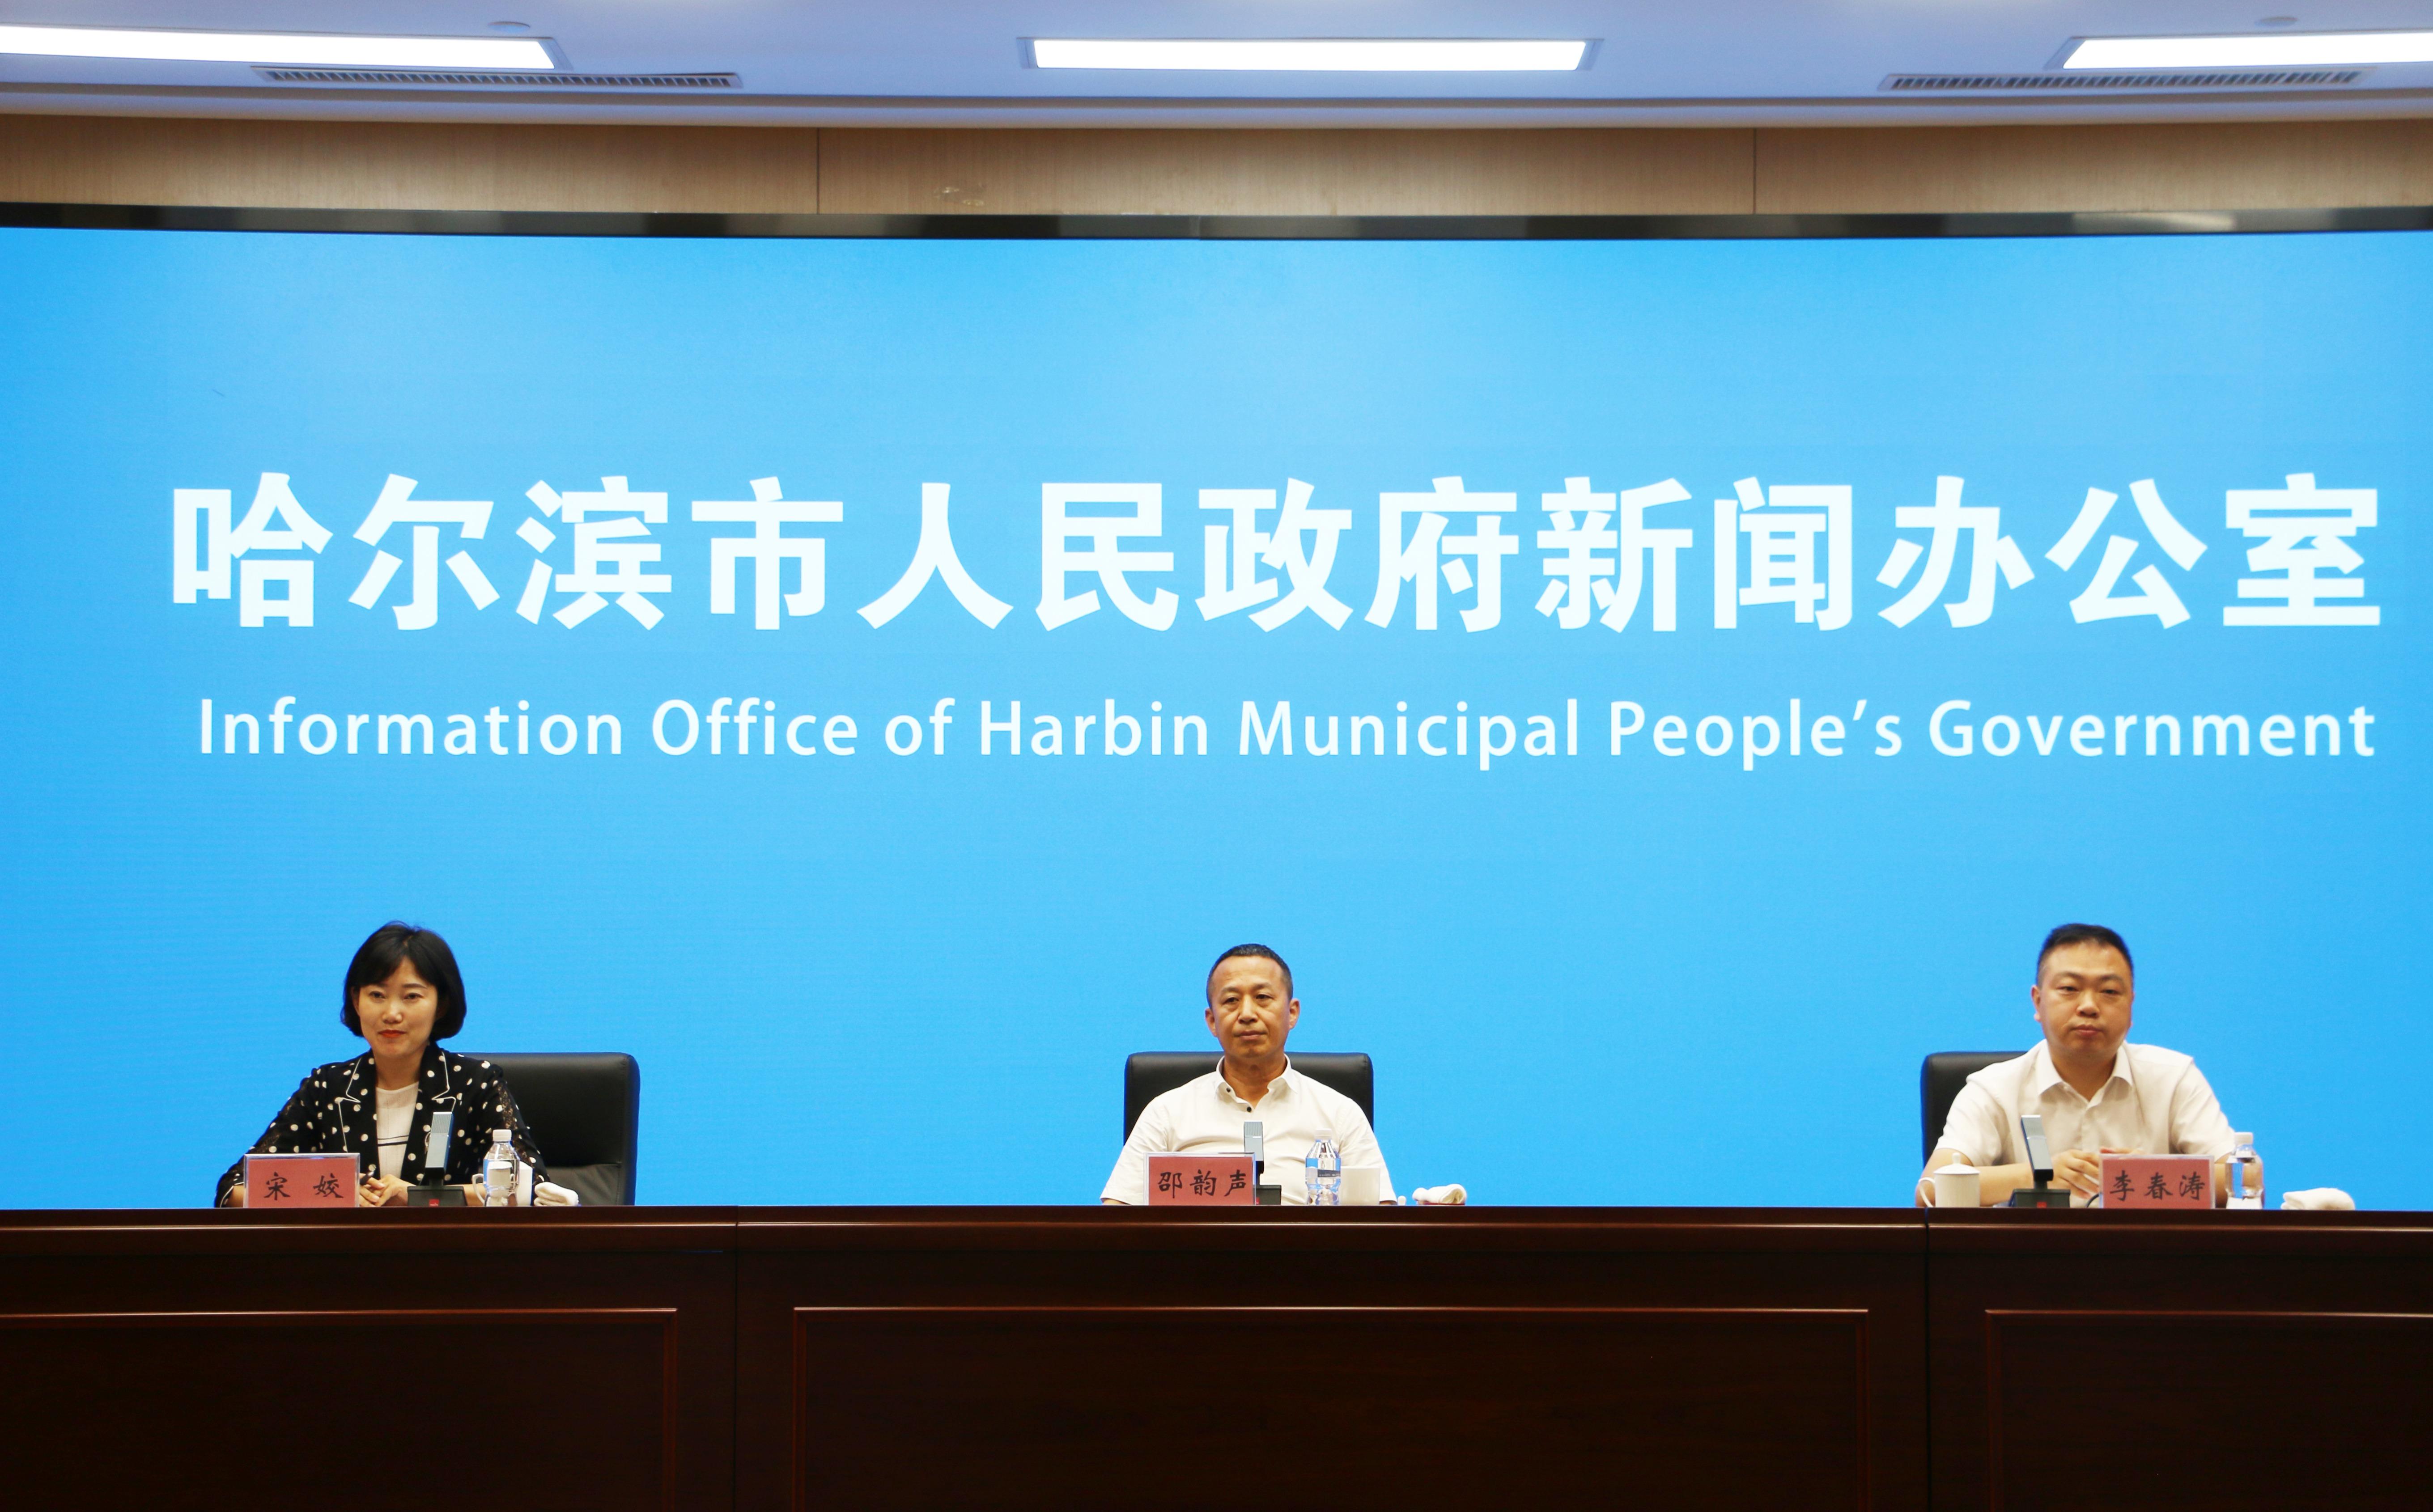 哈尔滨银行·2021哈尔滨马拉松将于8月29日开跑 报名通道正式开启